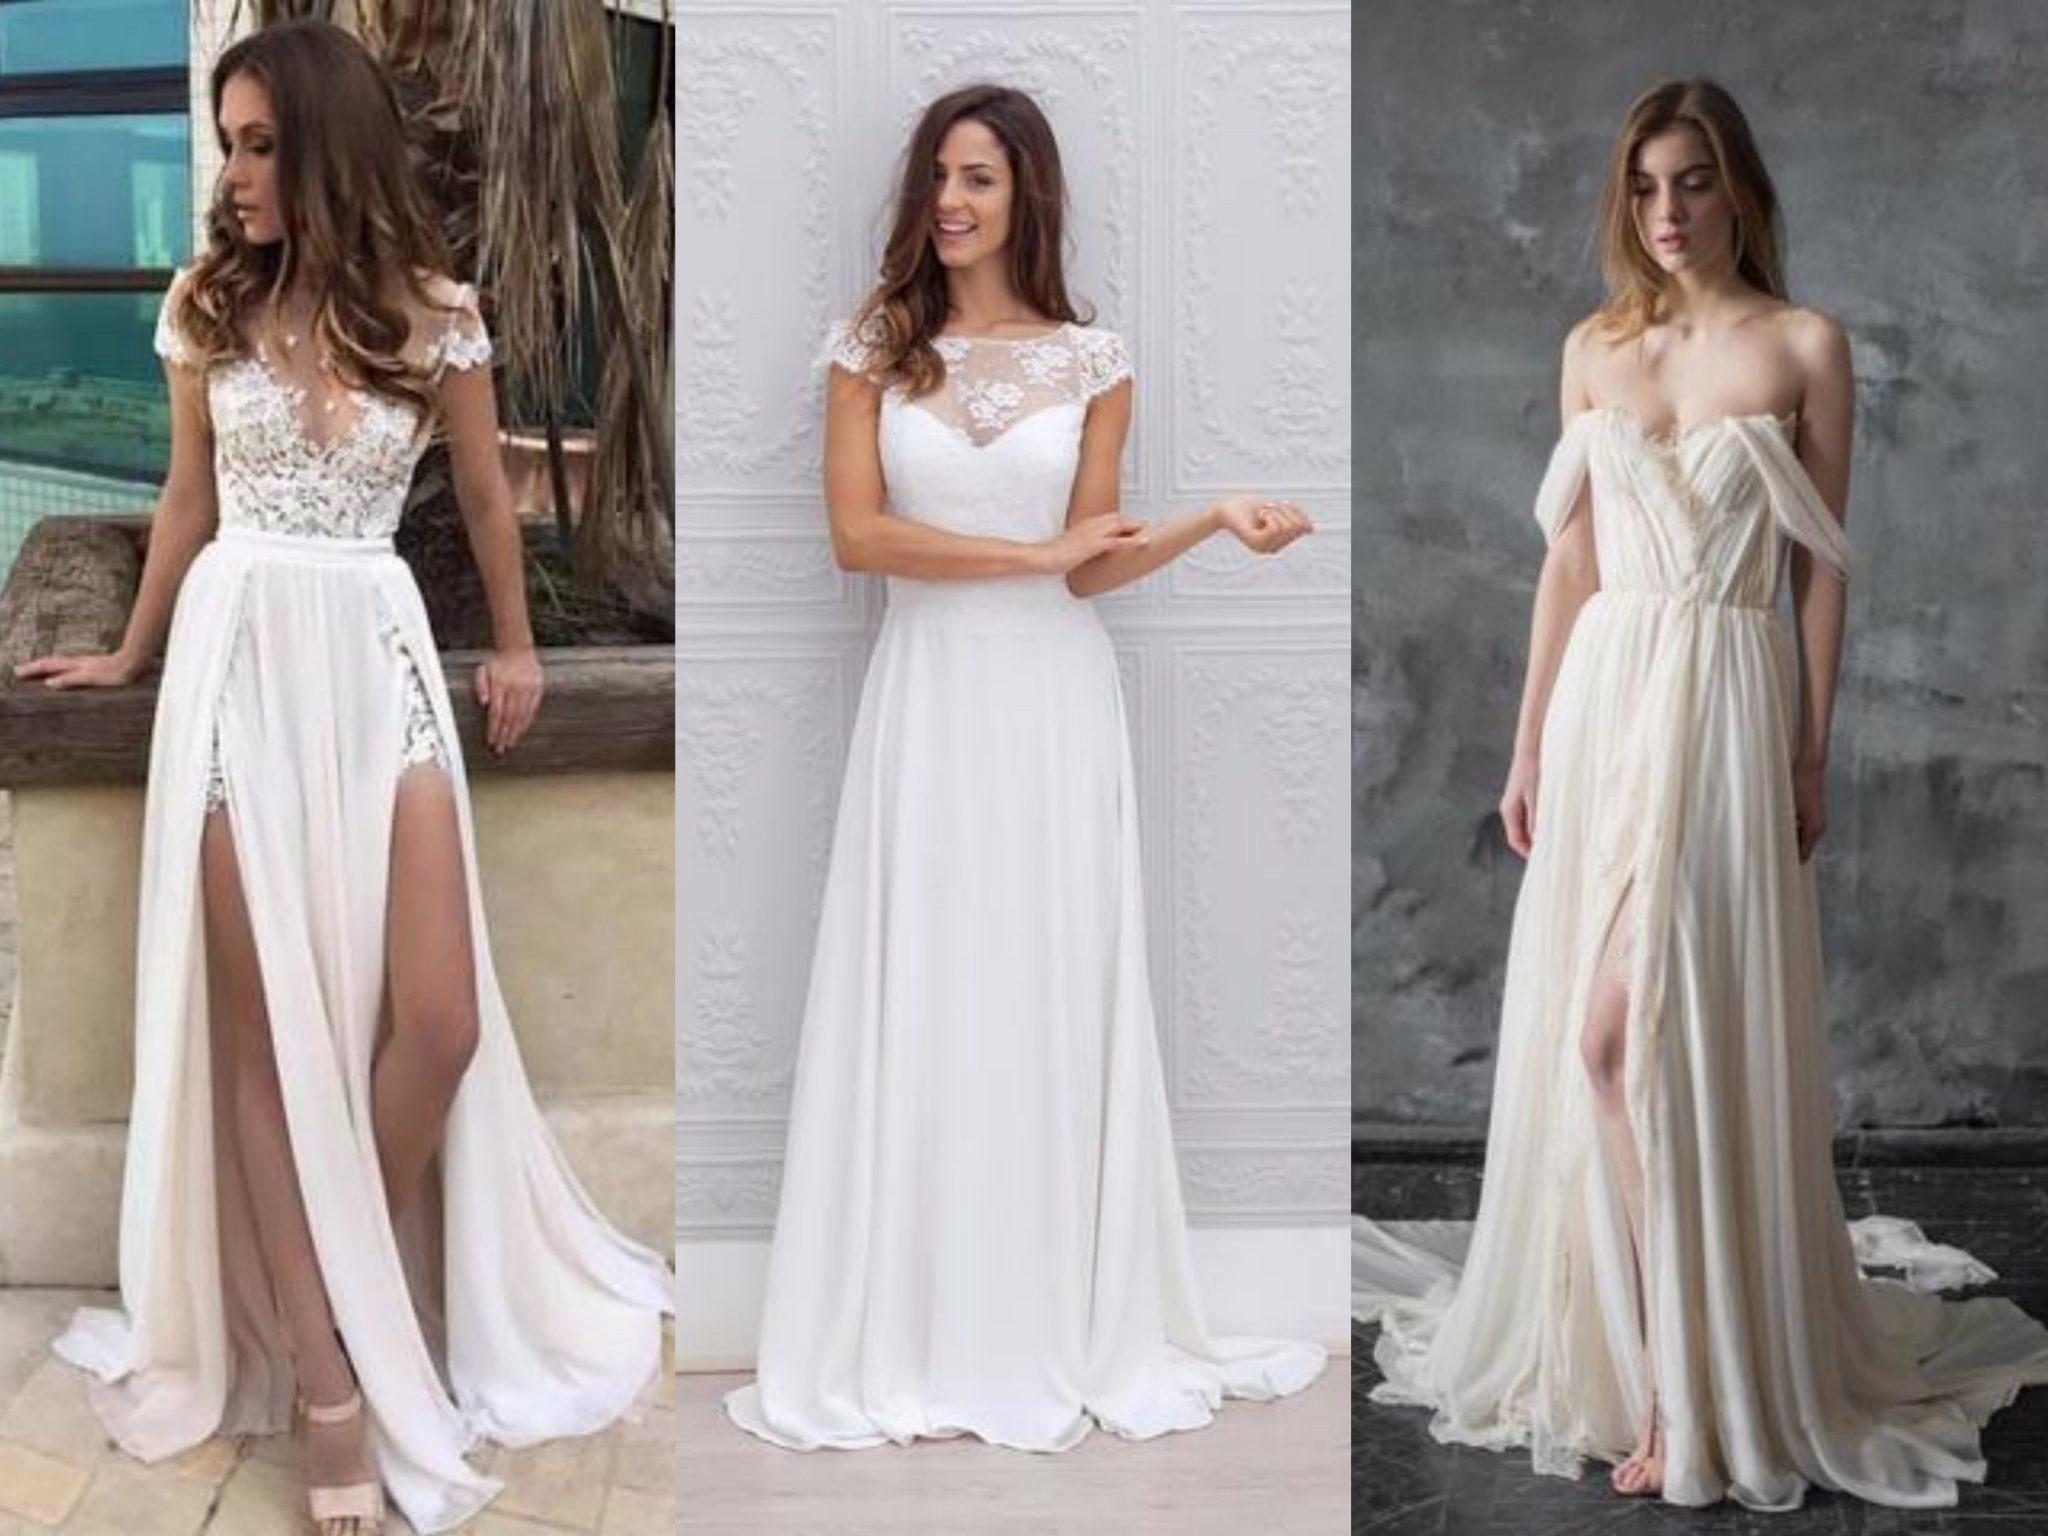 Mejor precio para vestidos de baile 9